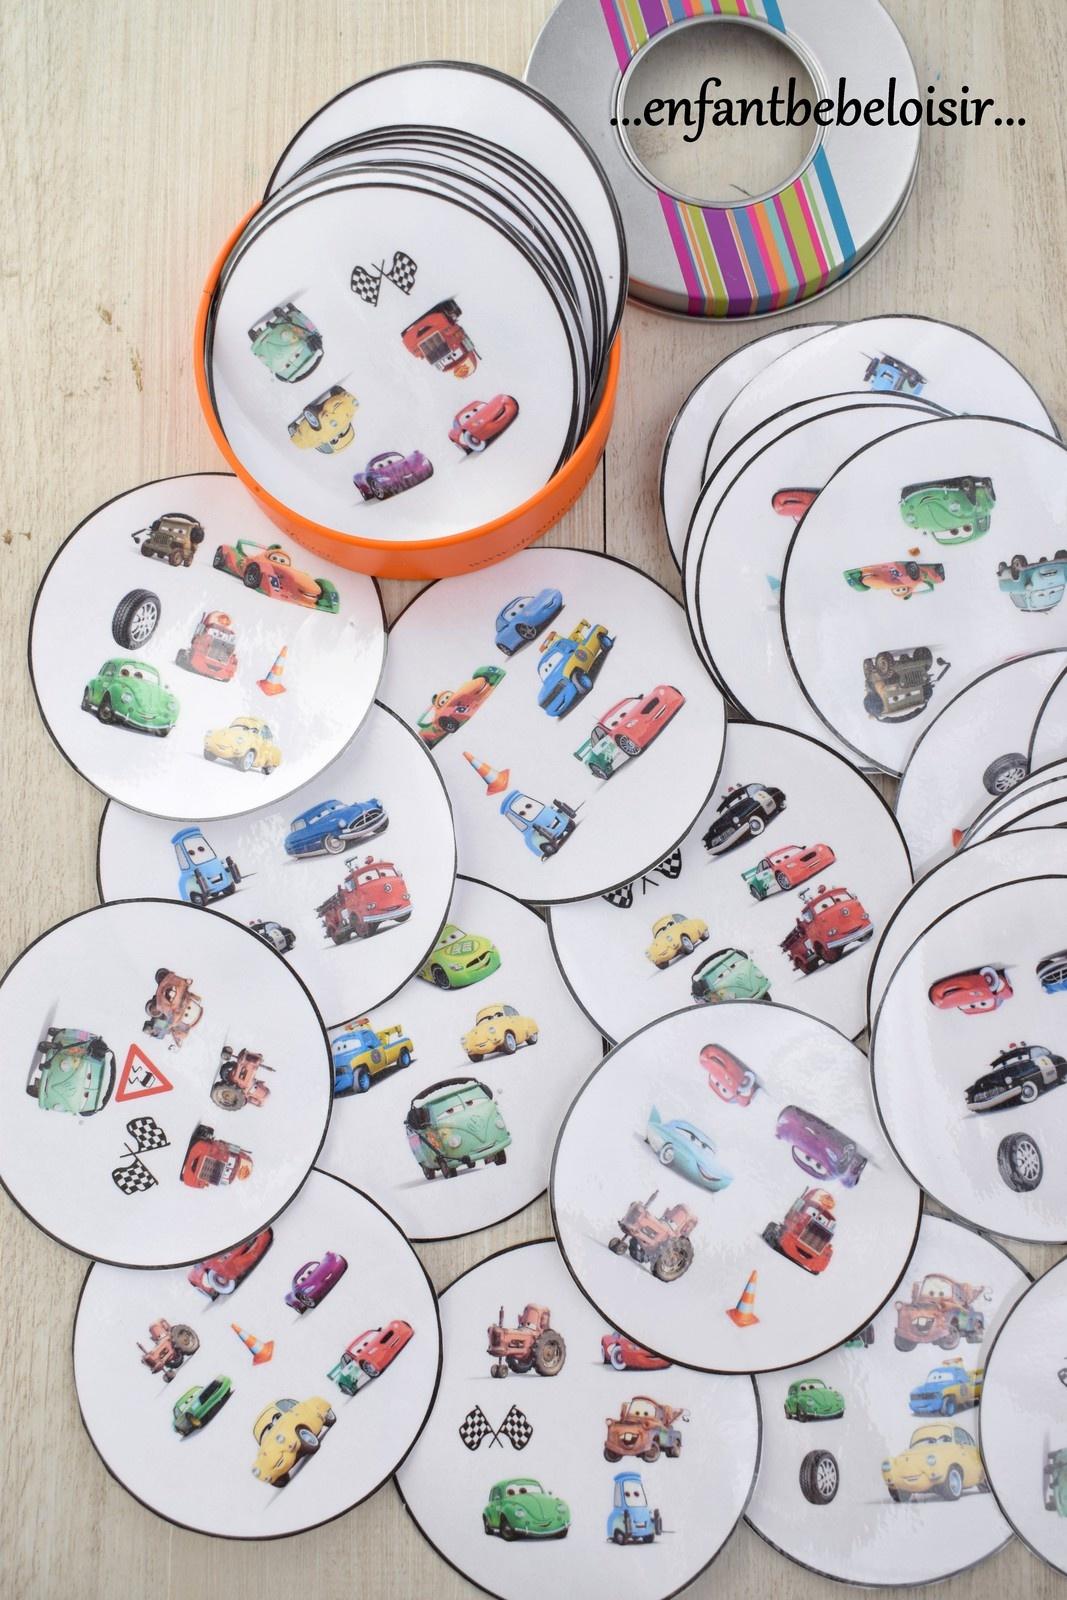 Jeu Dobble Cars Pixar À Imprimer - Gratuit - Enfant Bébé Loisir dedans Jeux Gratuits À Imprimer Pour Adultes